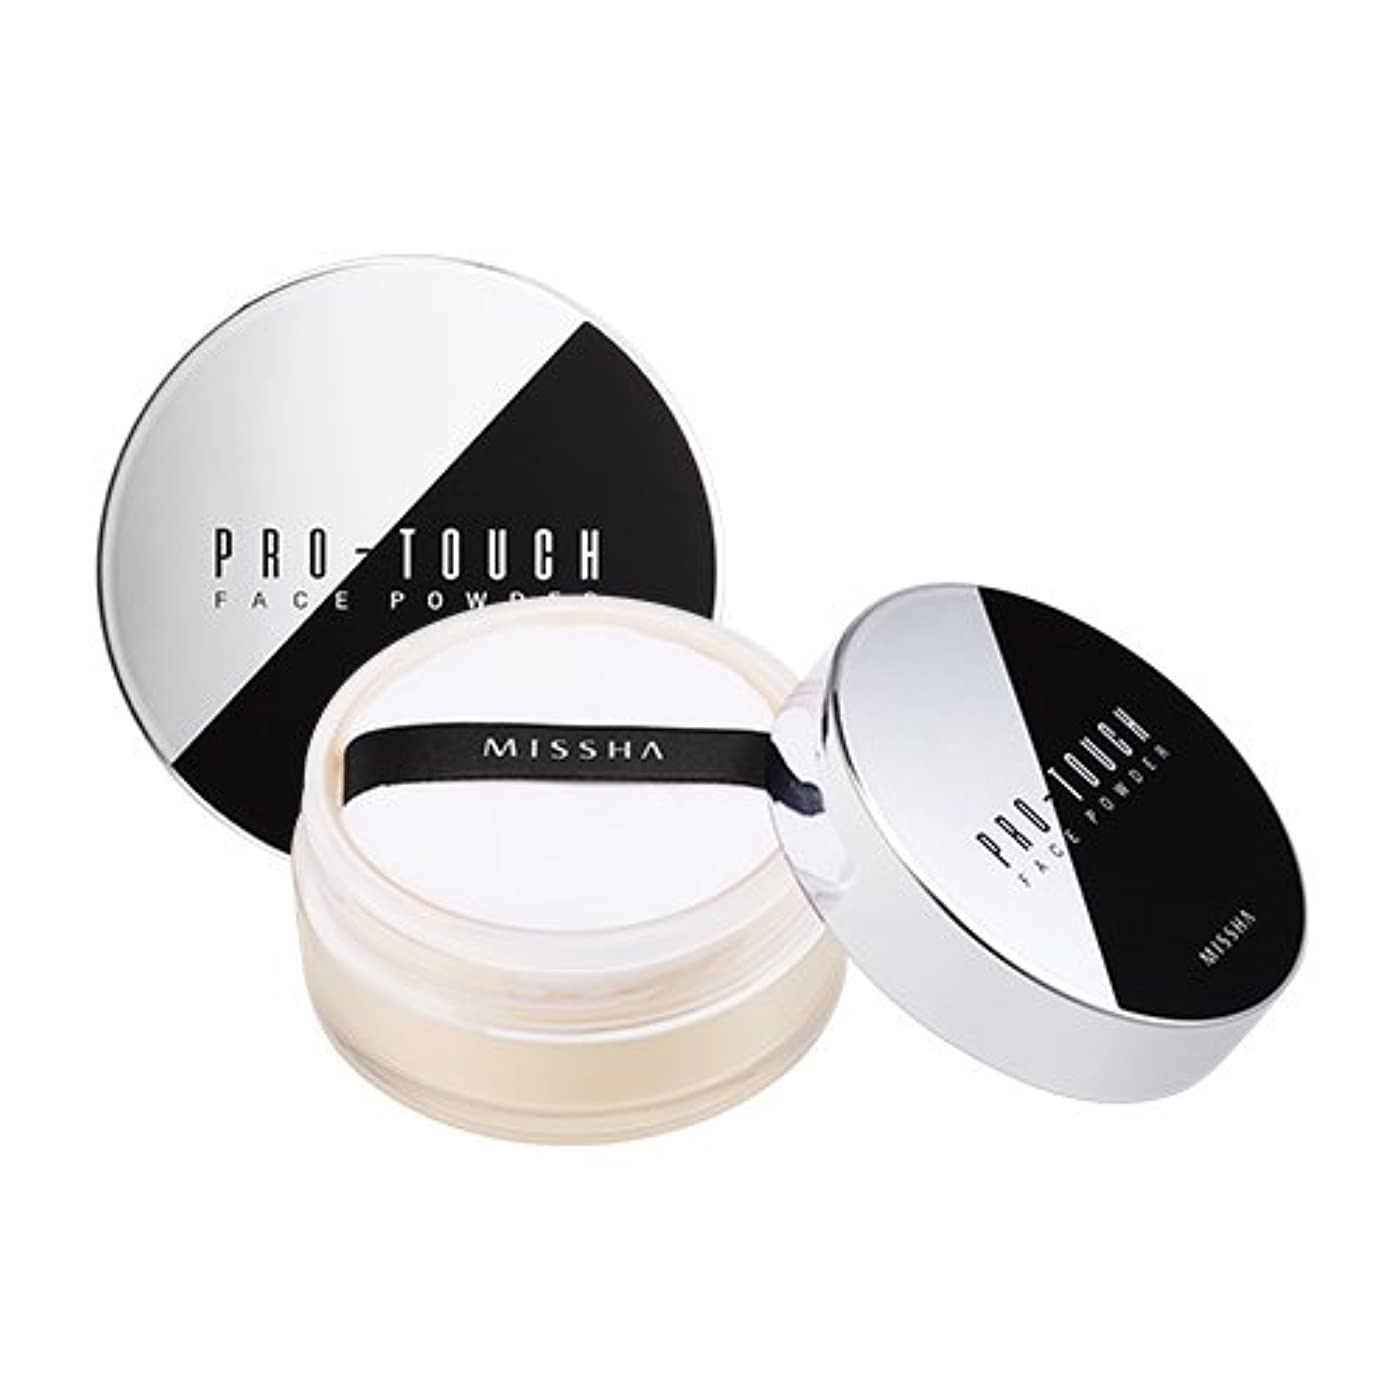 選択する協力的真向こう[New] MISSHA PRO-TOUCH Face Powder (No.23) / ミシャ プロタッチフェイスパウダー (No.23) [並行輸入品]